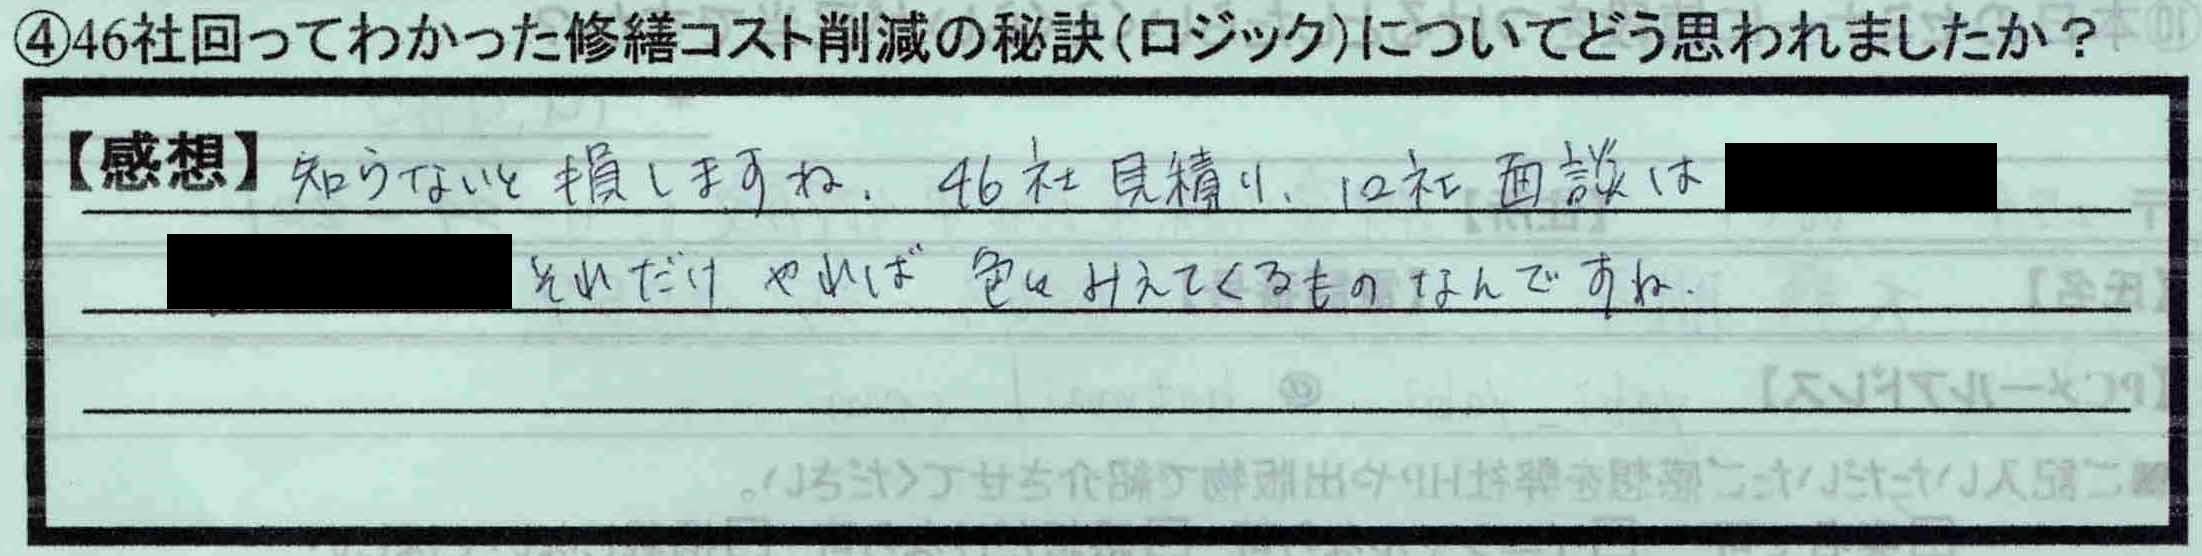 神奈川県大窪朋子さん-1